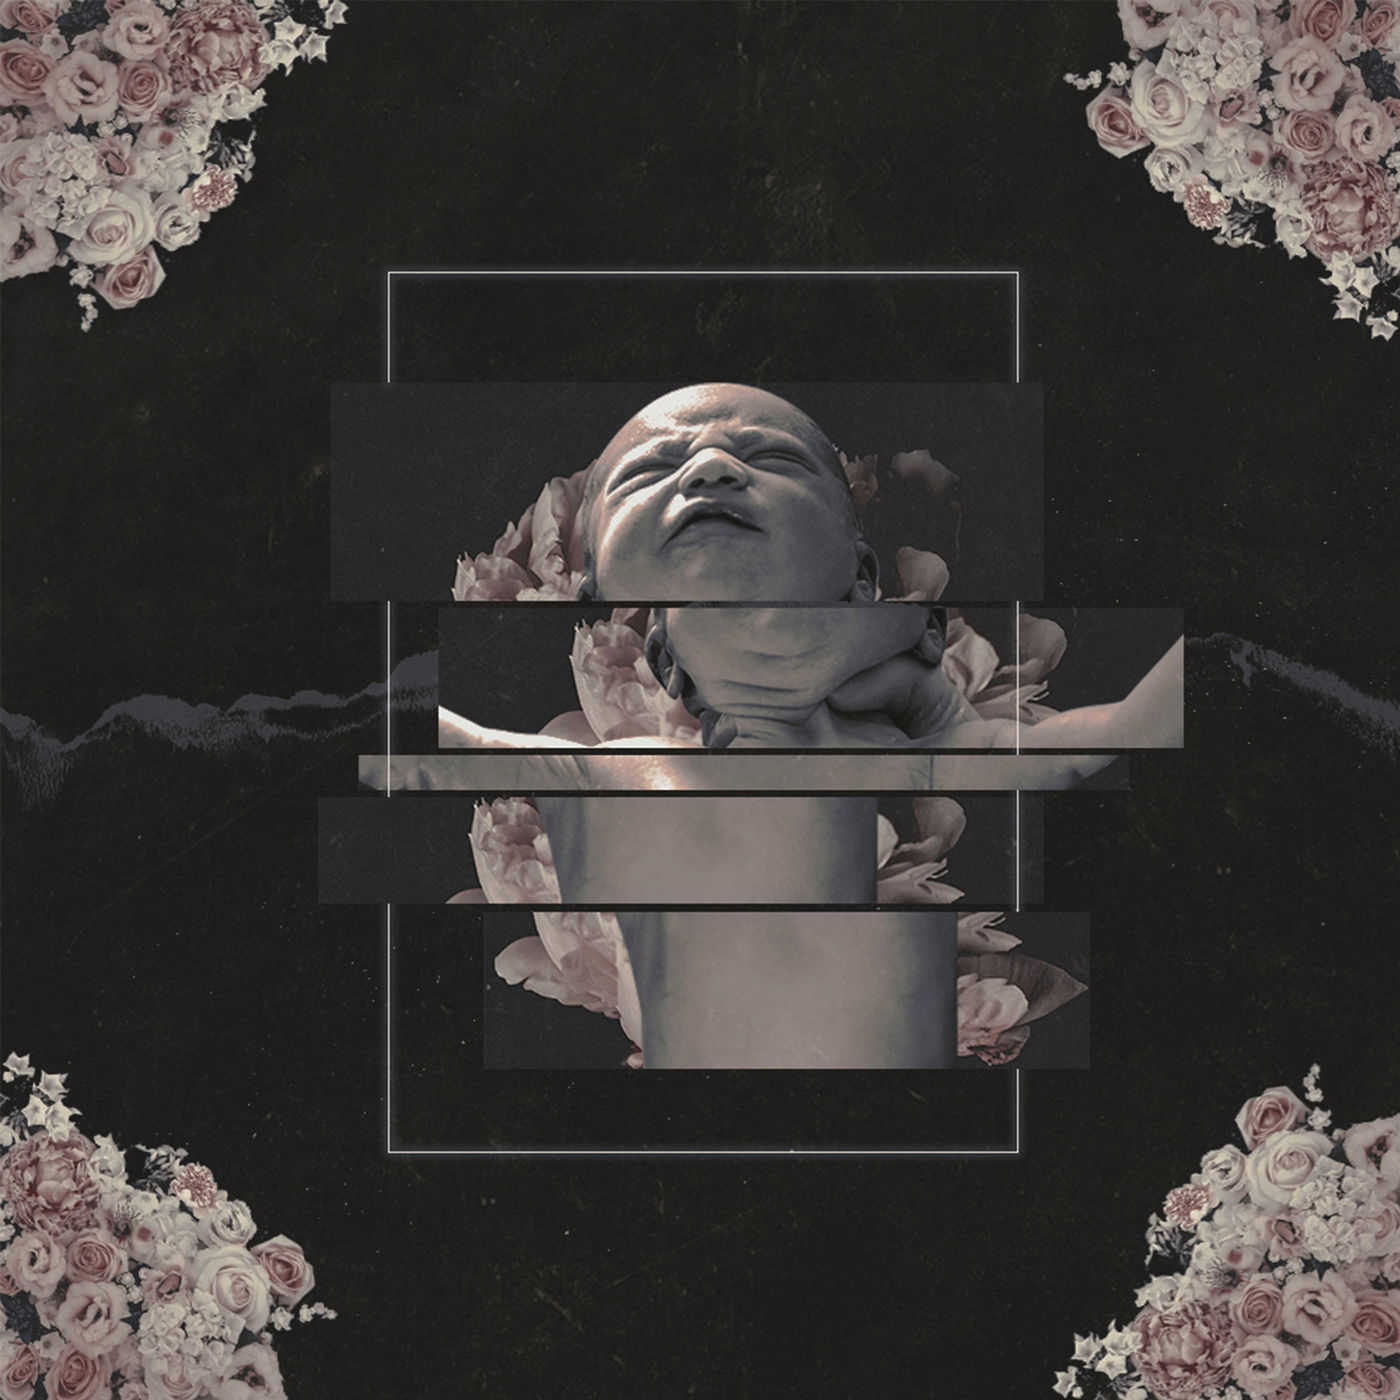 Atena - Born Rotten [single] (2019)